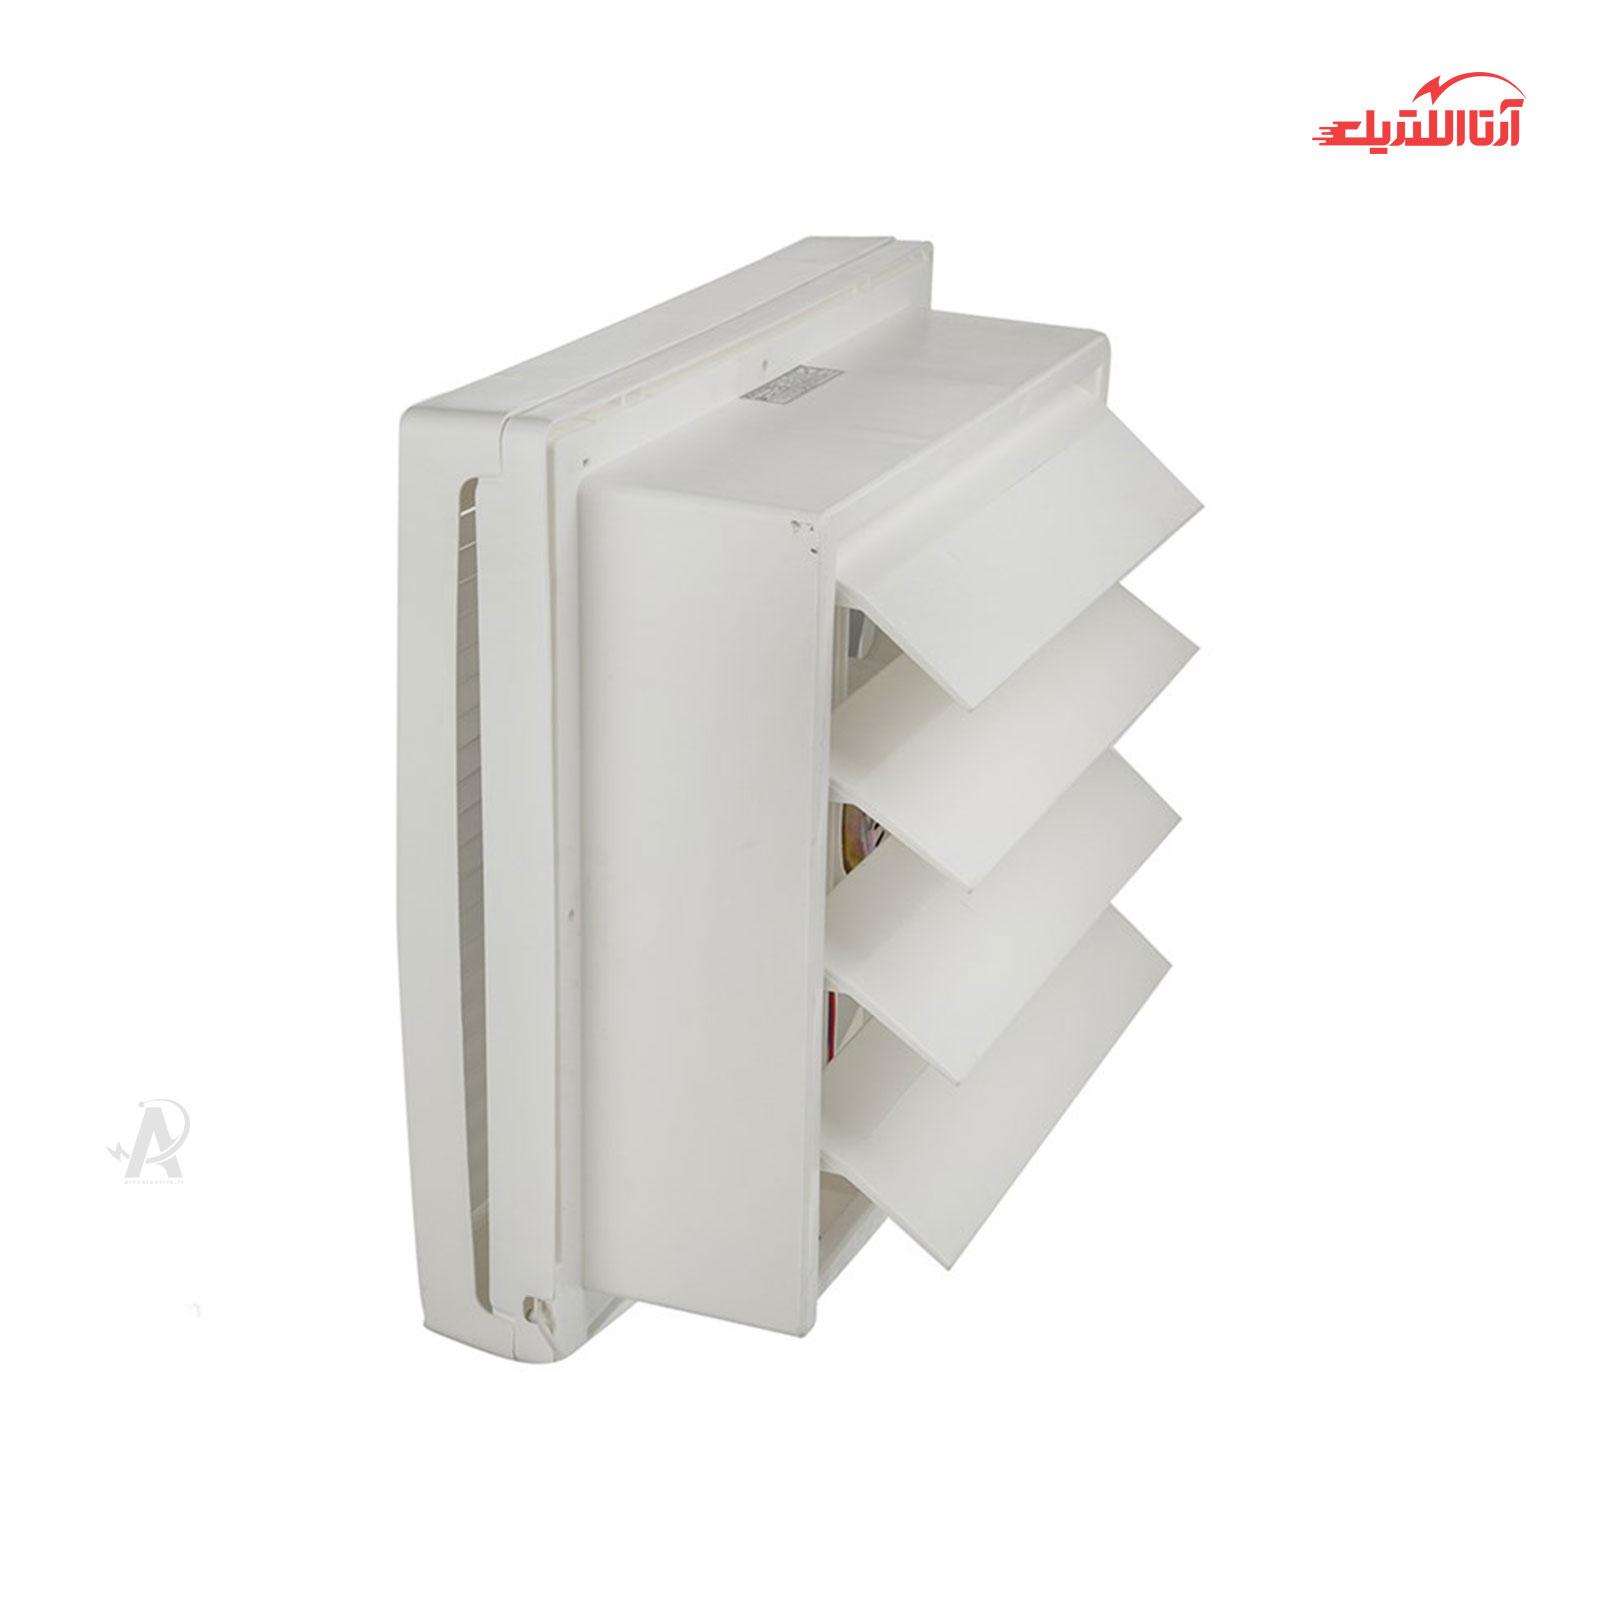 هواکش خانگی اتولوکس دریچه دار 15 سانت اتوماتیک بدون کلید دمنده VAL-15H2S